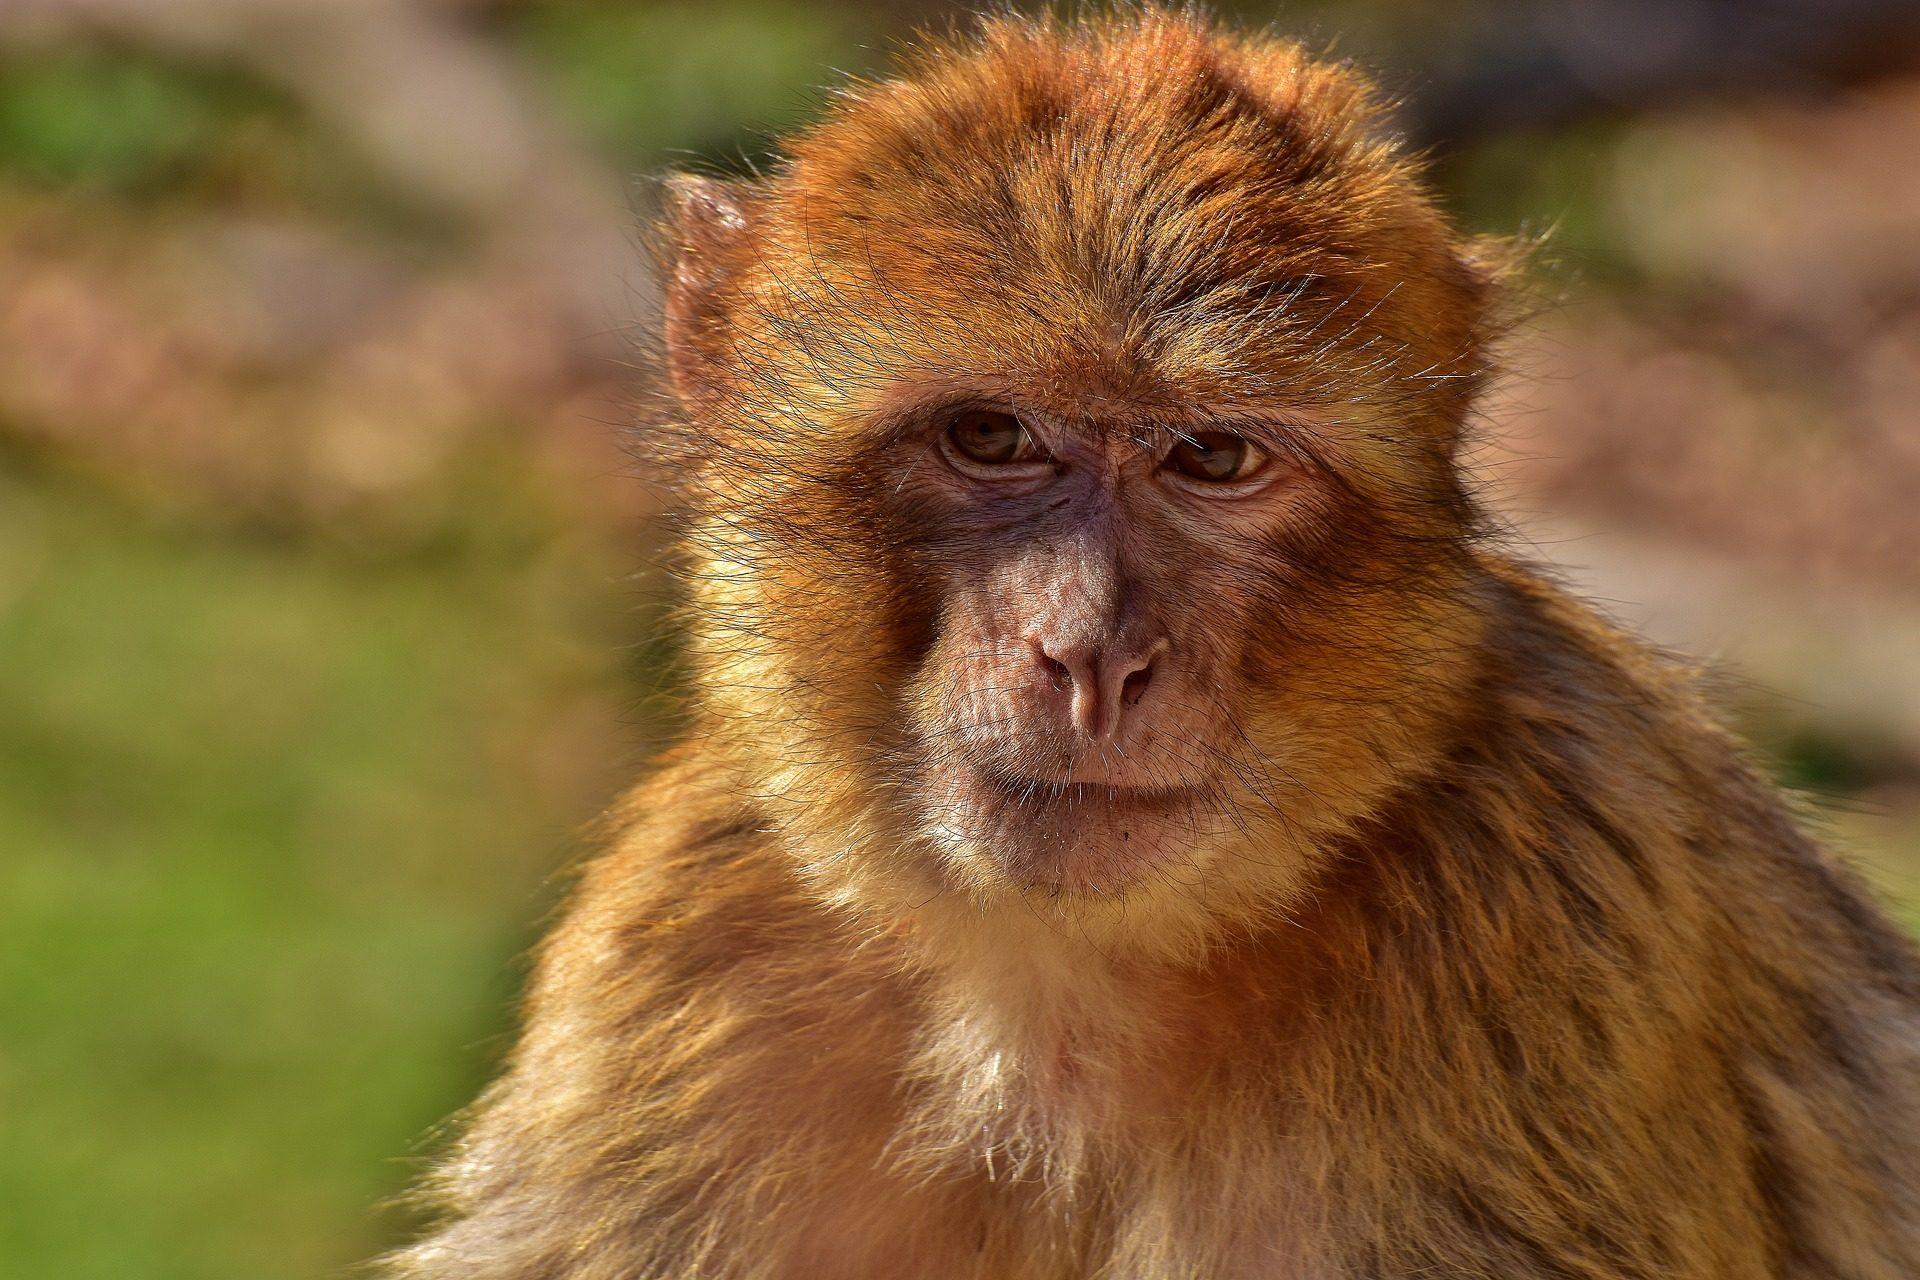 mono, SCIMMIA, Macaco, pelliccia, sguardo - Sfondi HD - Professor-falken.com